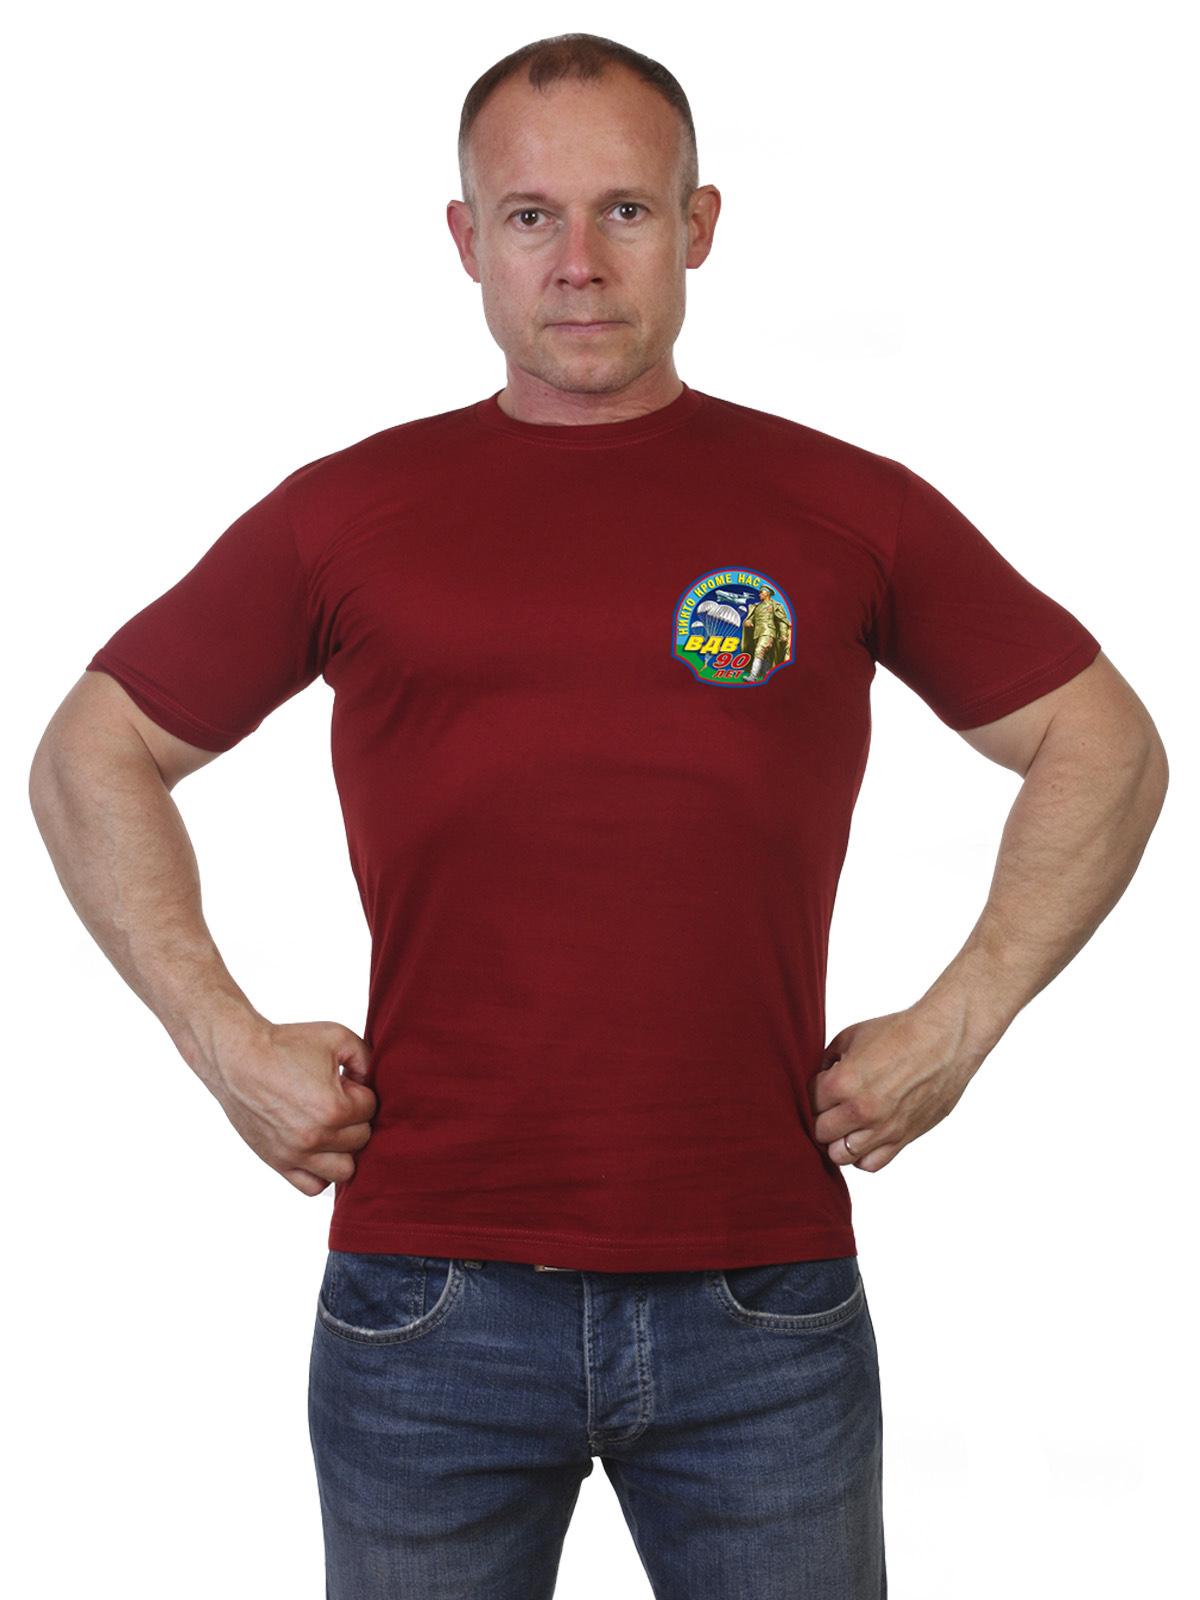 Заказать мужскую футболку 90 лет Воздушно-десантным войскам